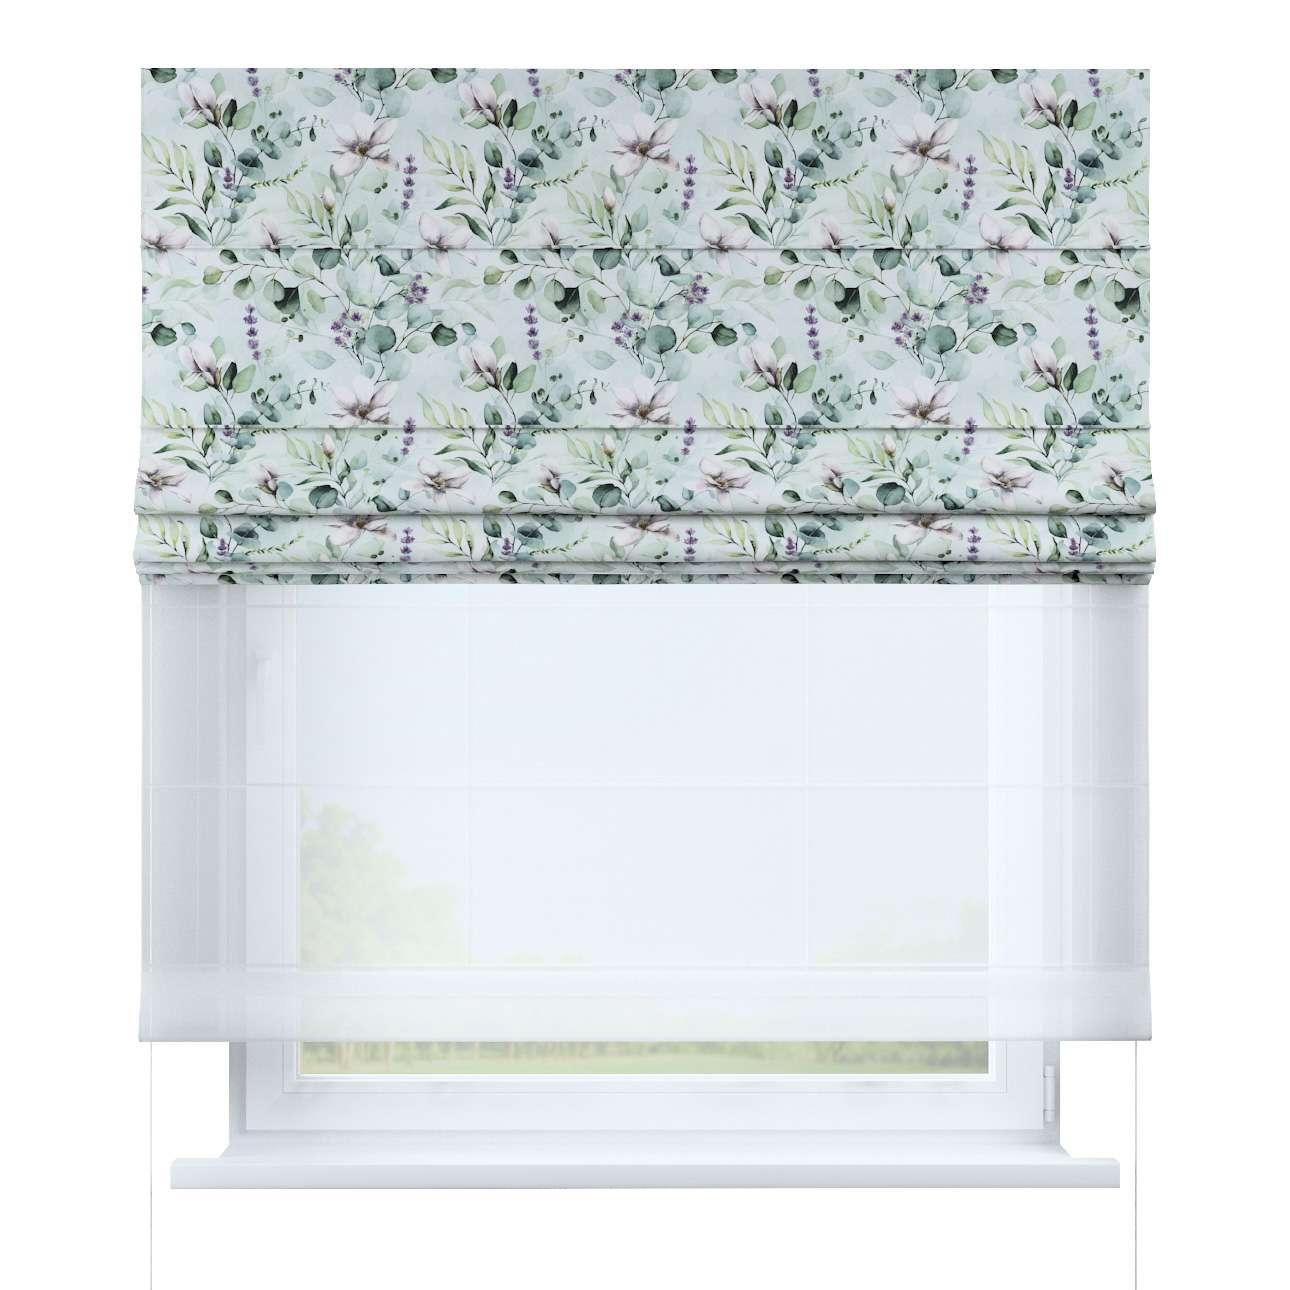 DUO Rímska roleta V kolekcii Flowers, tkanina: 143-66